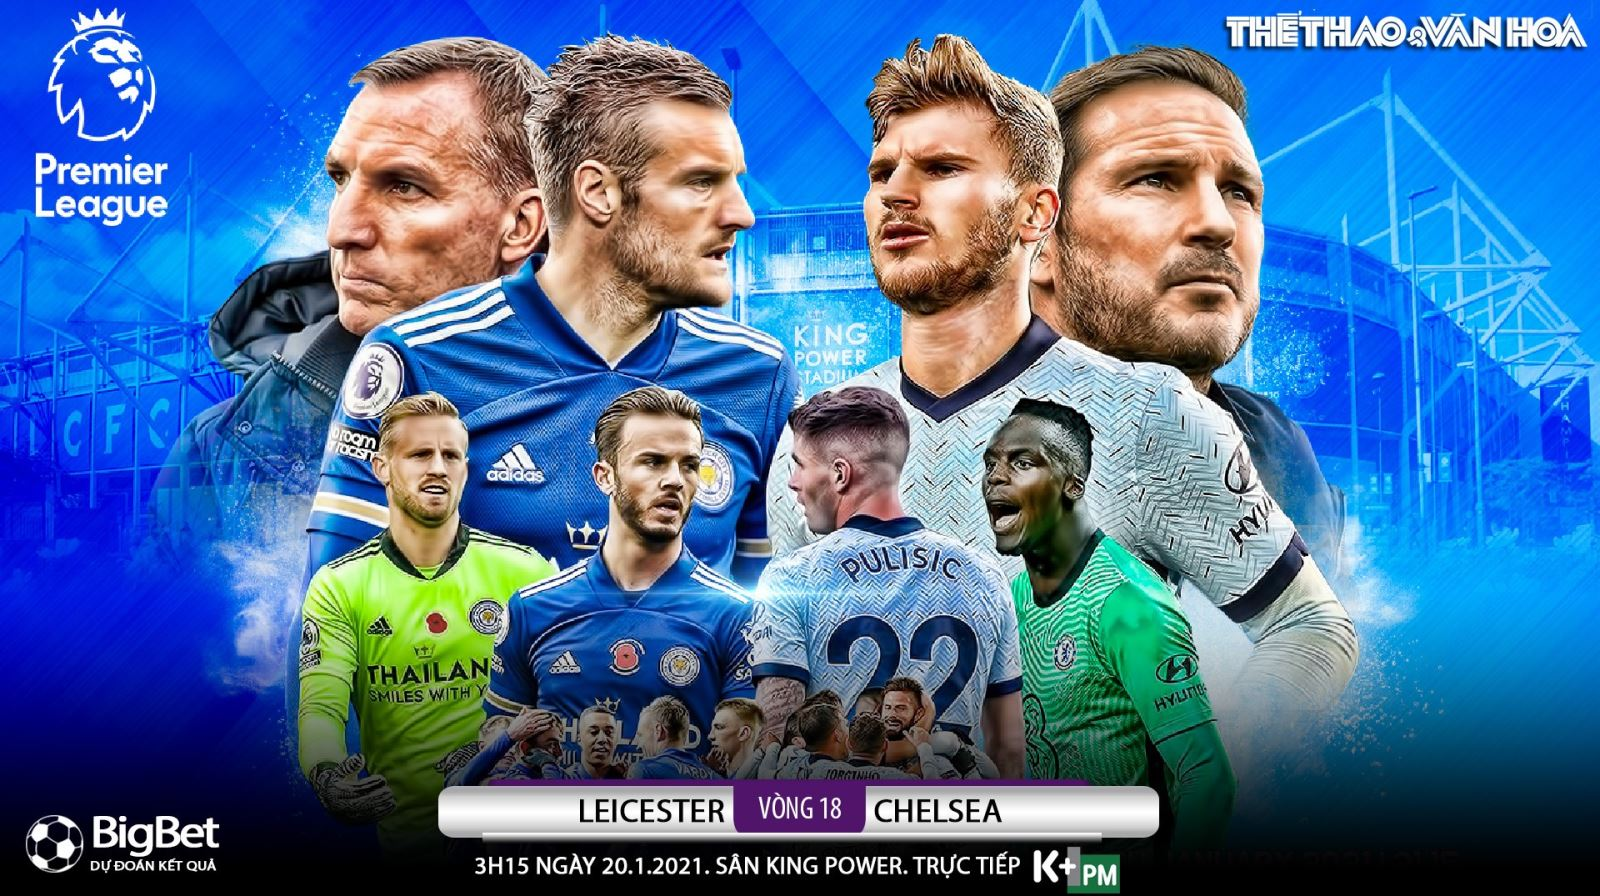 Soi kèo nhà cáiLeicester vs Chelsea. Đấu bù vòng 18 giải Ngoại hạng Anh